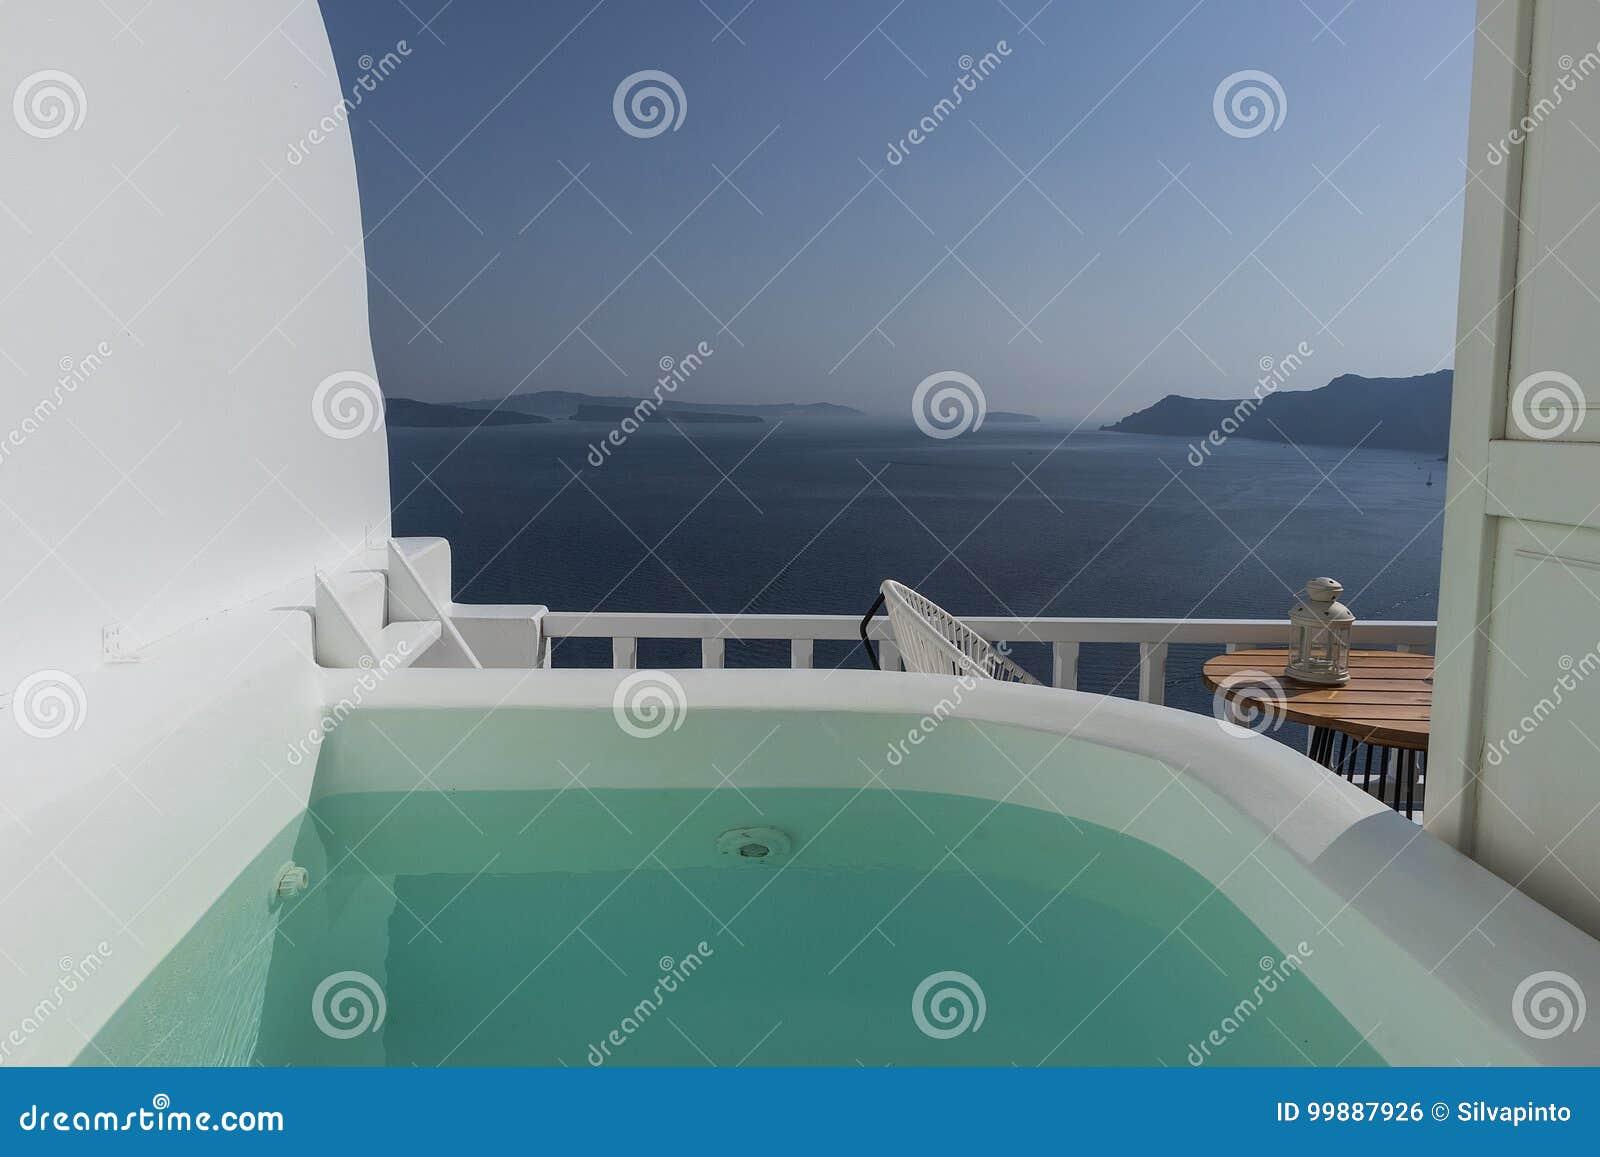 Balkon Met Jacuzzi : Balkon met jacuzzi voorraadbeelden download 38 royalty vrije fotos